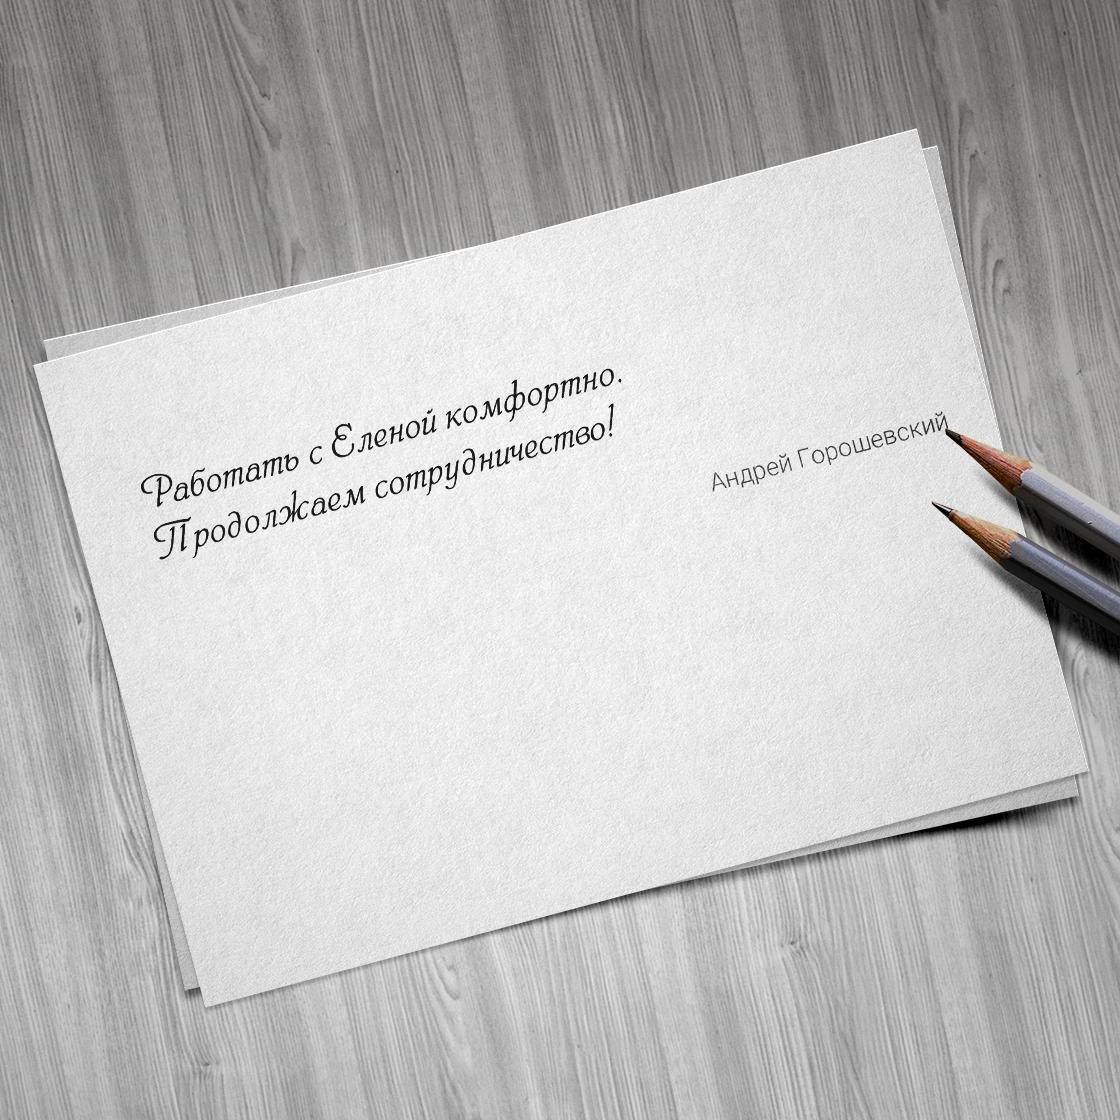 Андрей Горошевский Отзывы